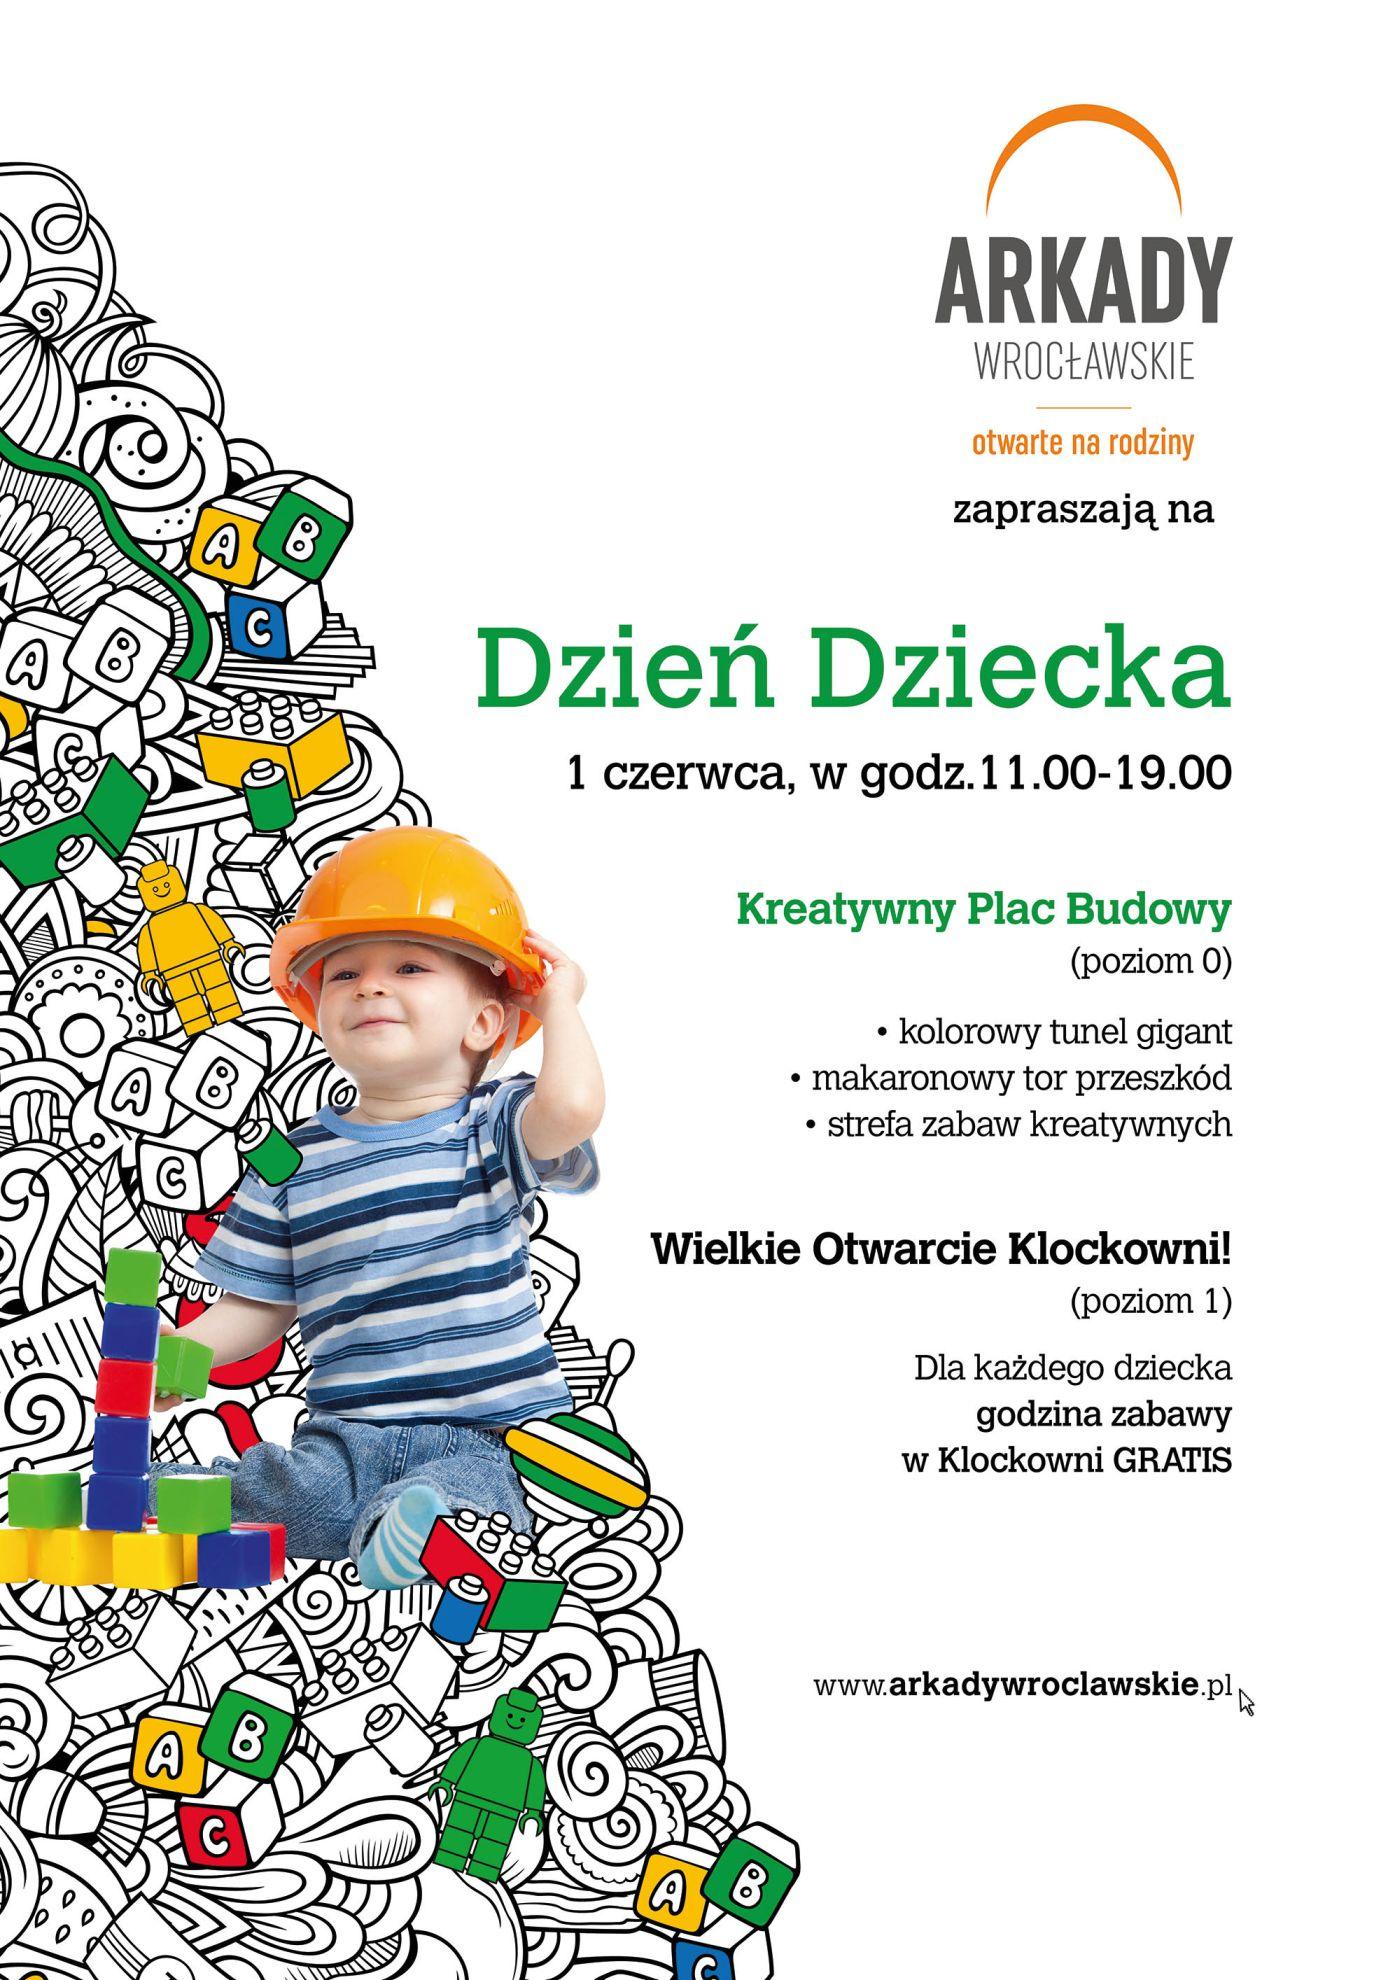 Kreatywny Plac Budowy w Arkadach Wrocławskich